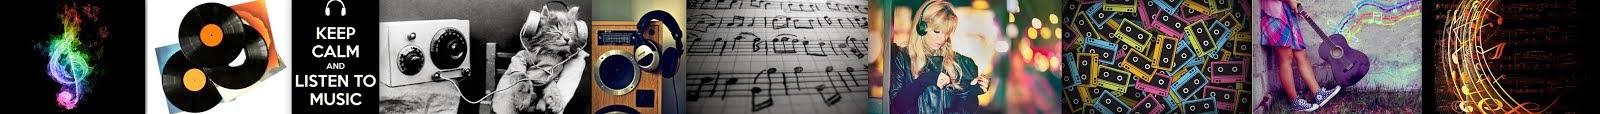 Muzyczne inspiracje ...    ♪ ♥ ♫